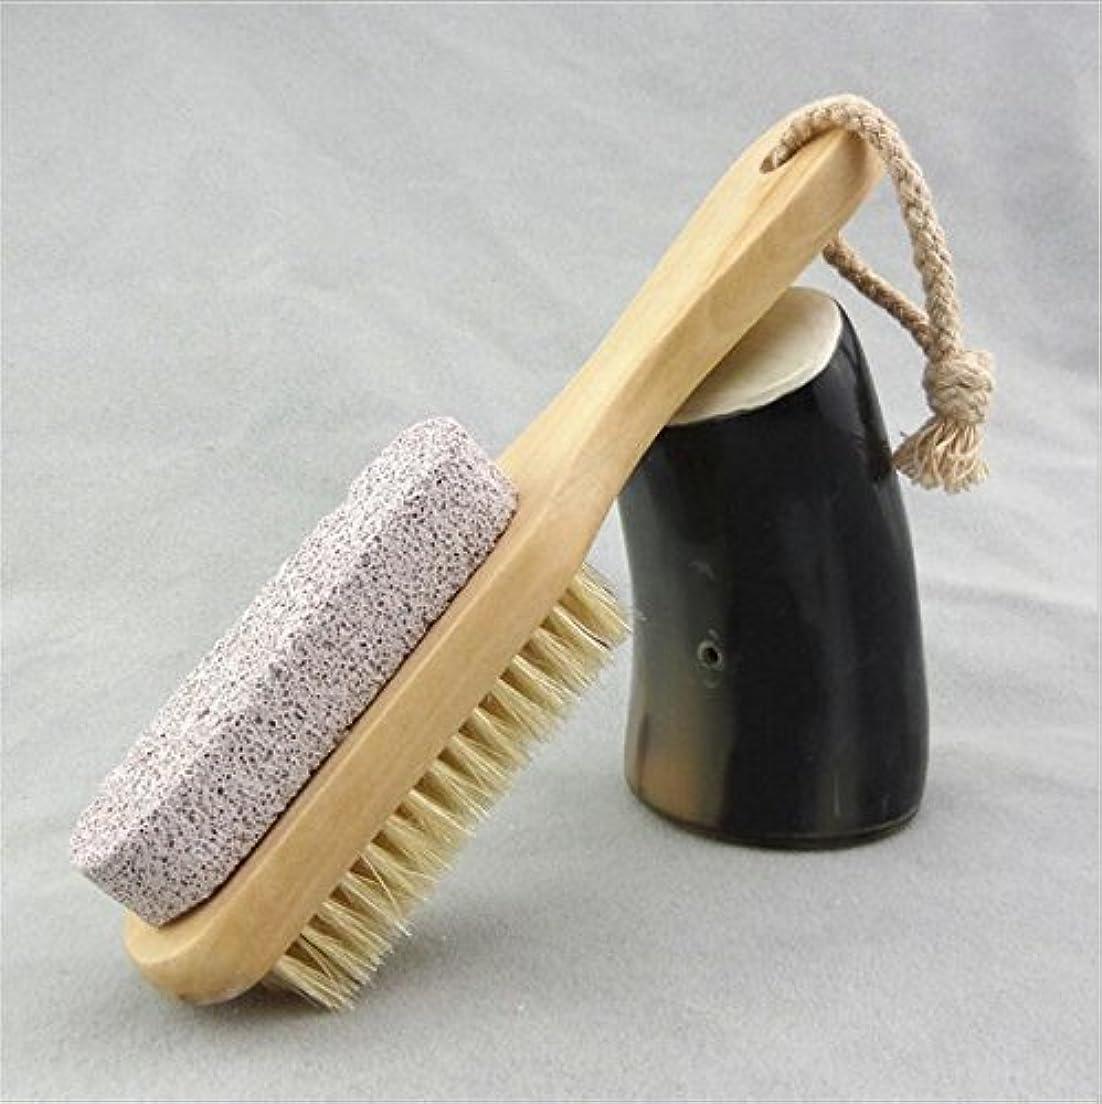 財団登録するバリアBigmind 足軽石の足爪ブラシ 角質除去 天然毛 足爪 かかと削り フット用品 ブラシフットケア かかとキレイフットブラシ